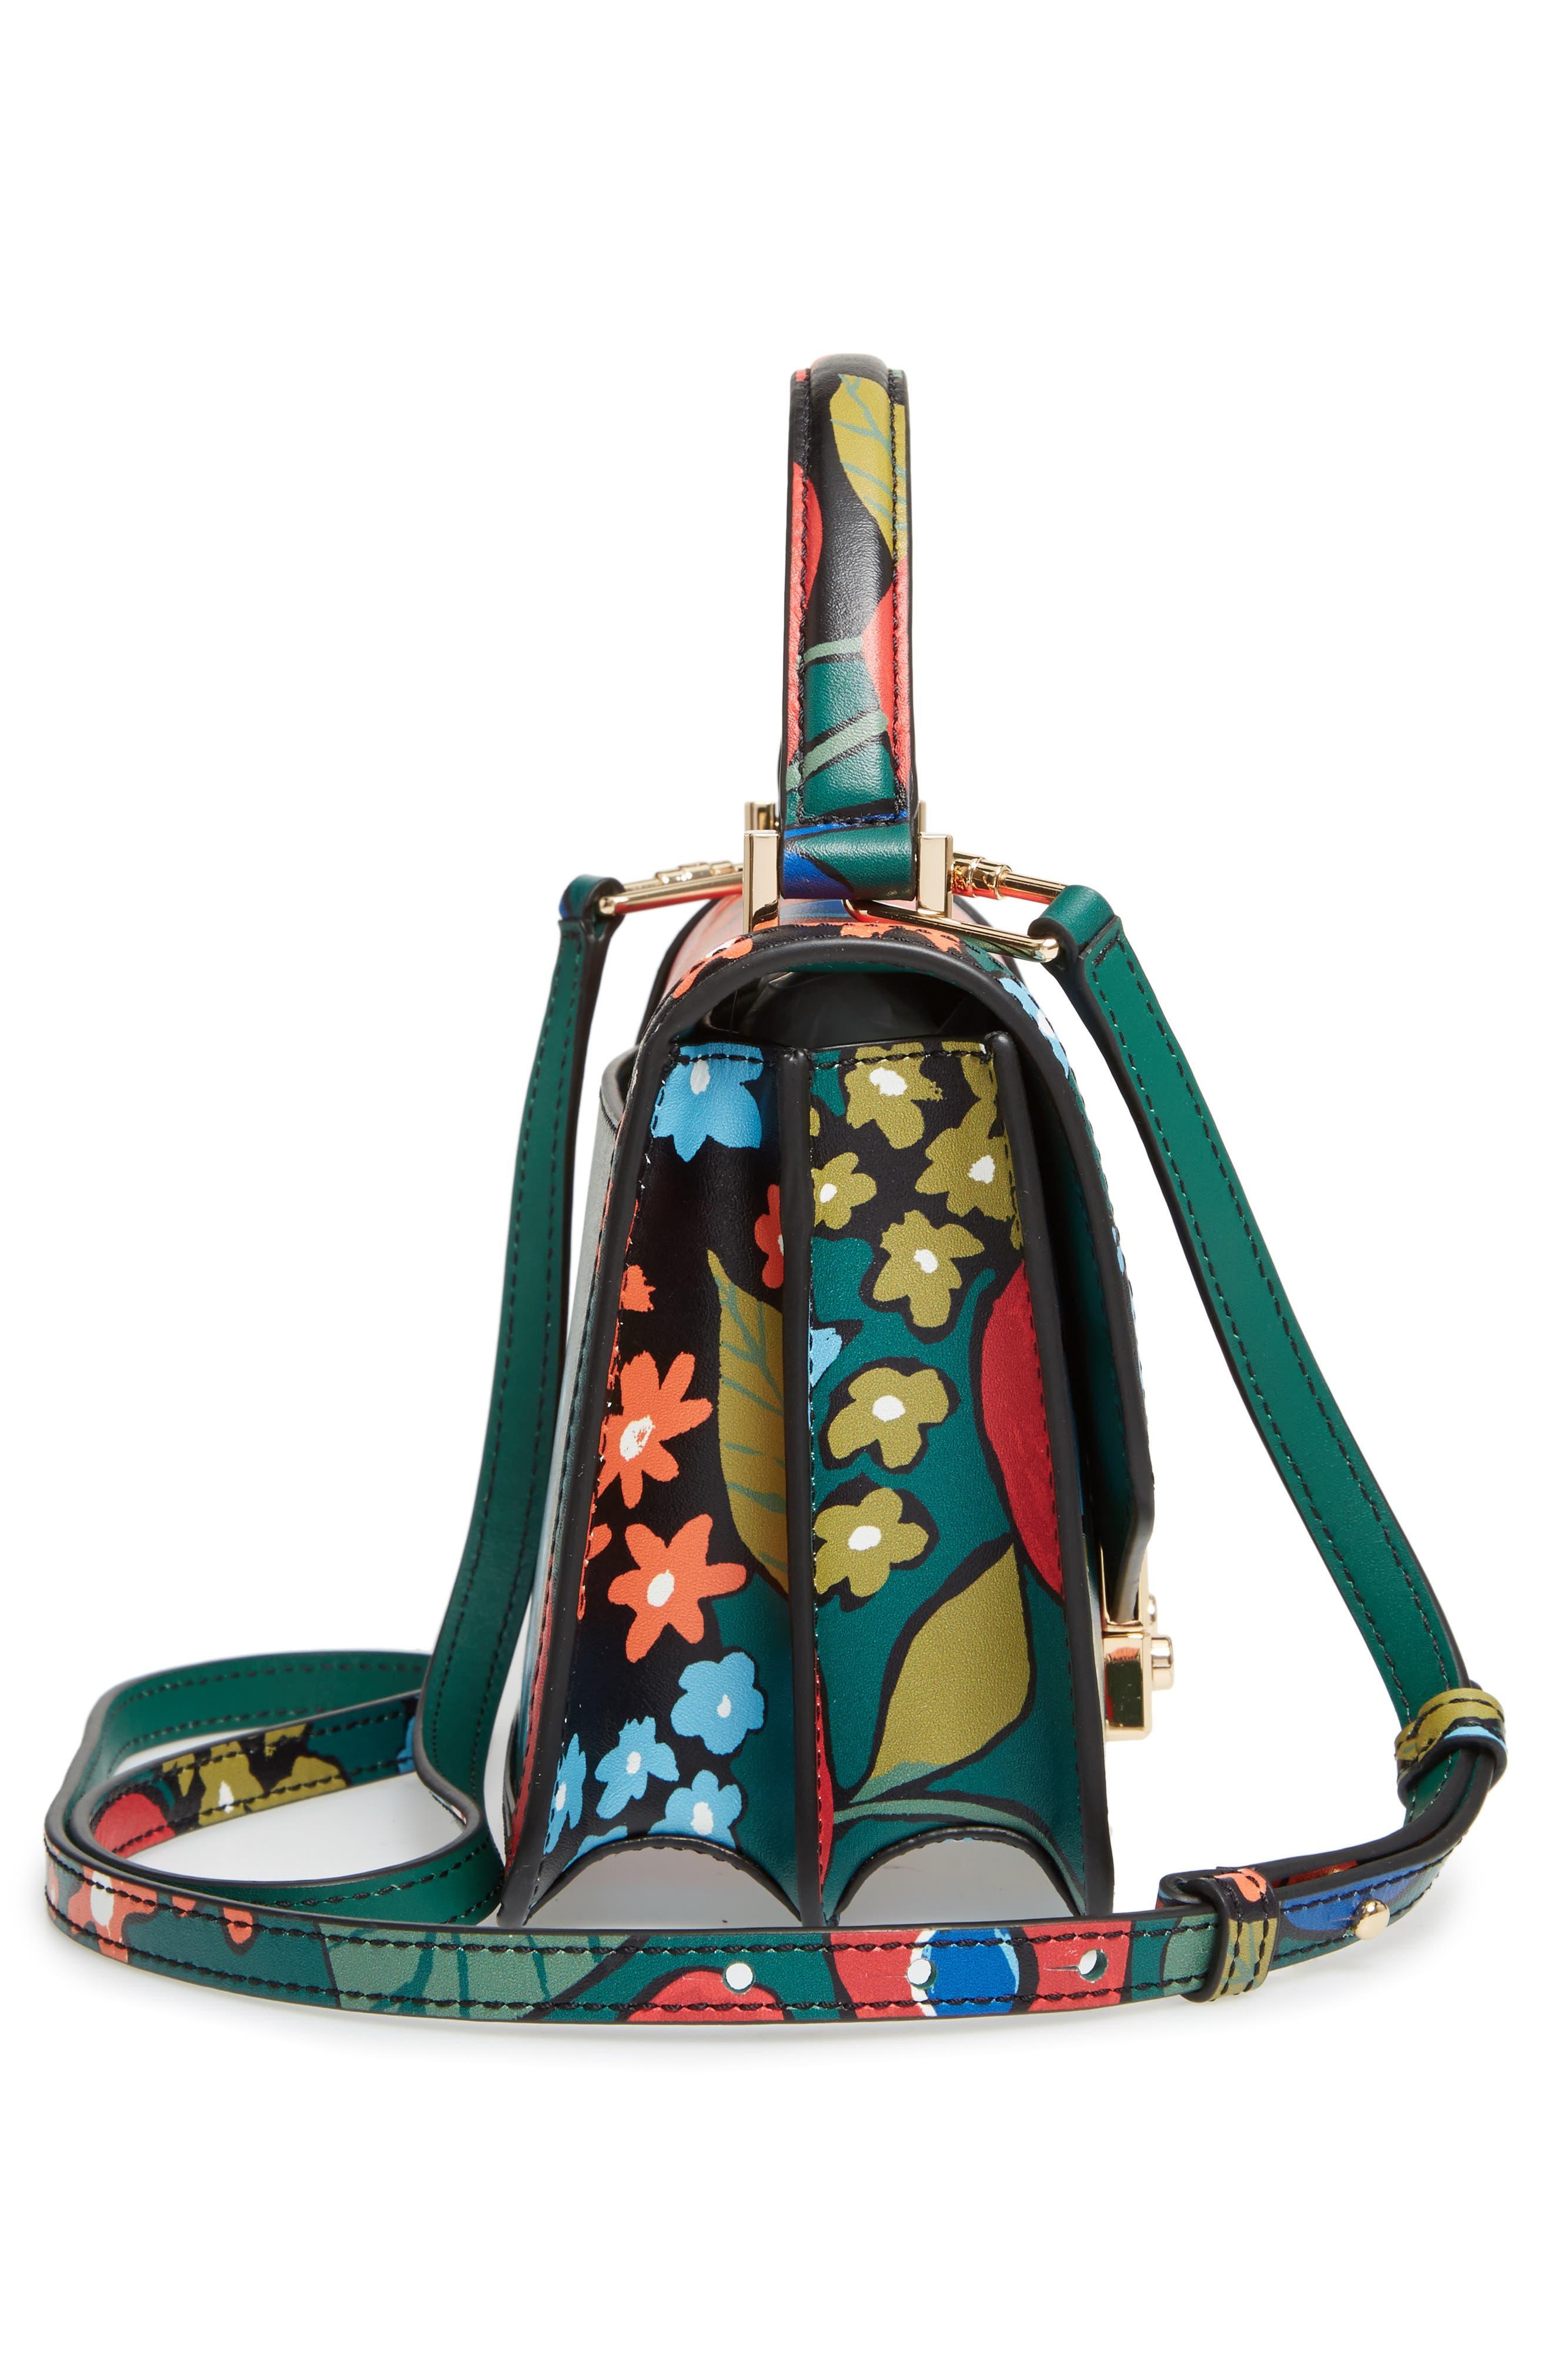 Mini Juliette Leather Top Handle Satchel,                             Alternate thumbnail 4, color,                             Darling Floral